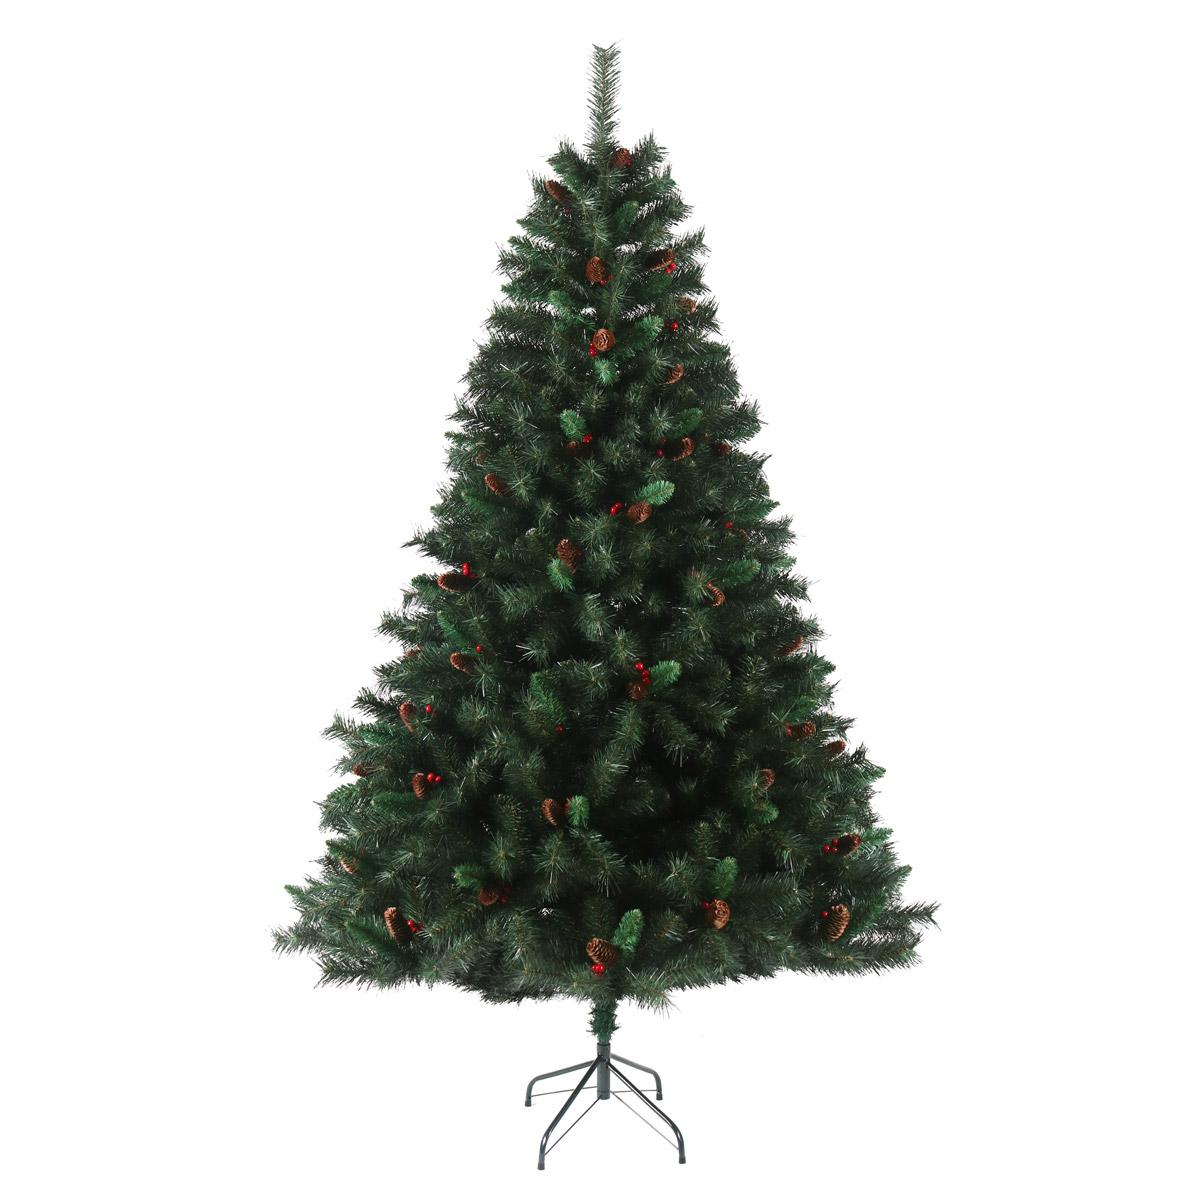 92026 SVITA Weihnachtsbaum künstlich mit Tannenzapfen und roten Beeren 210 cm